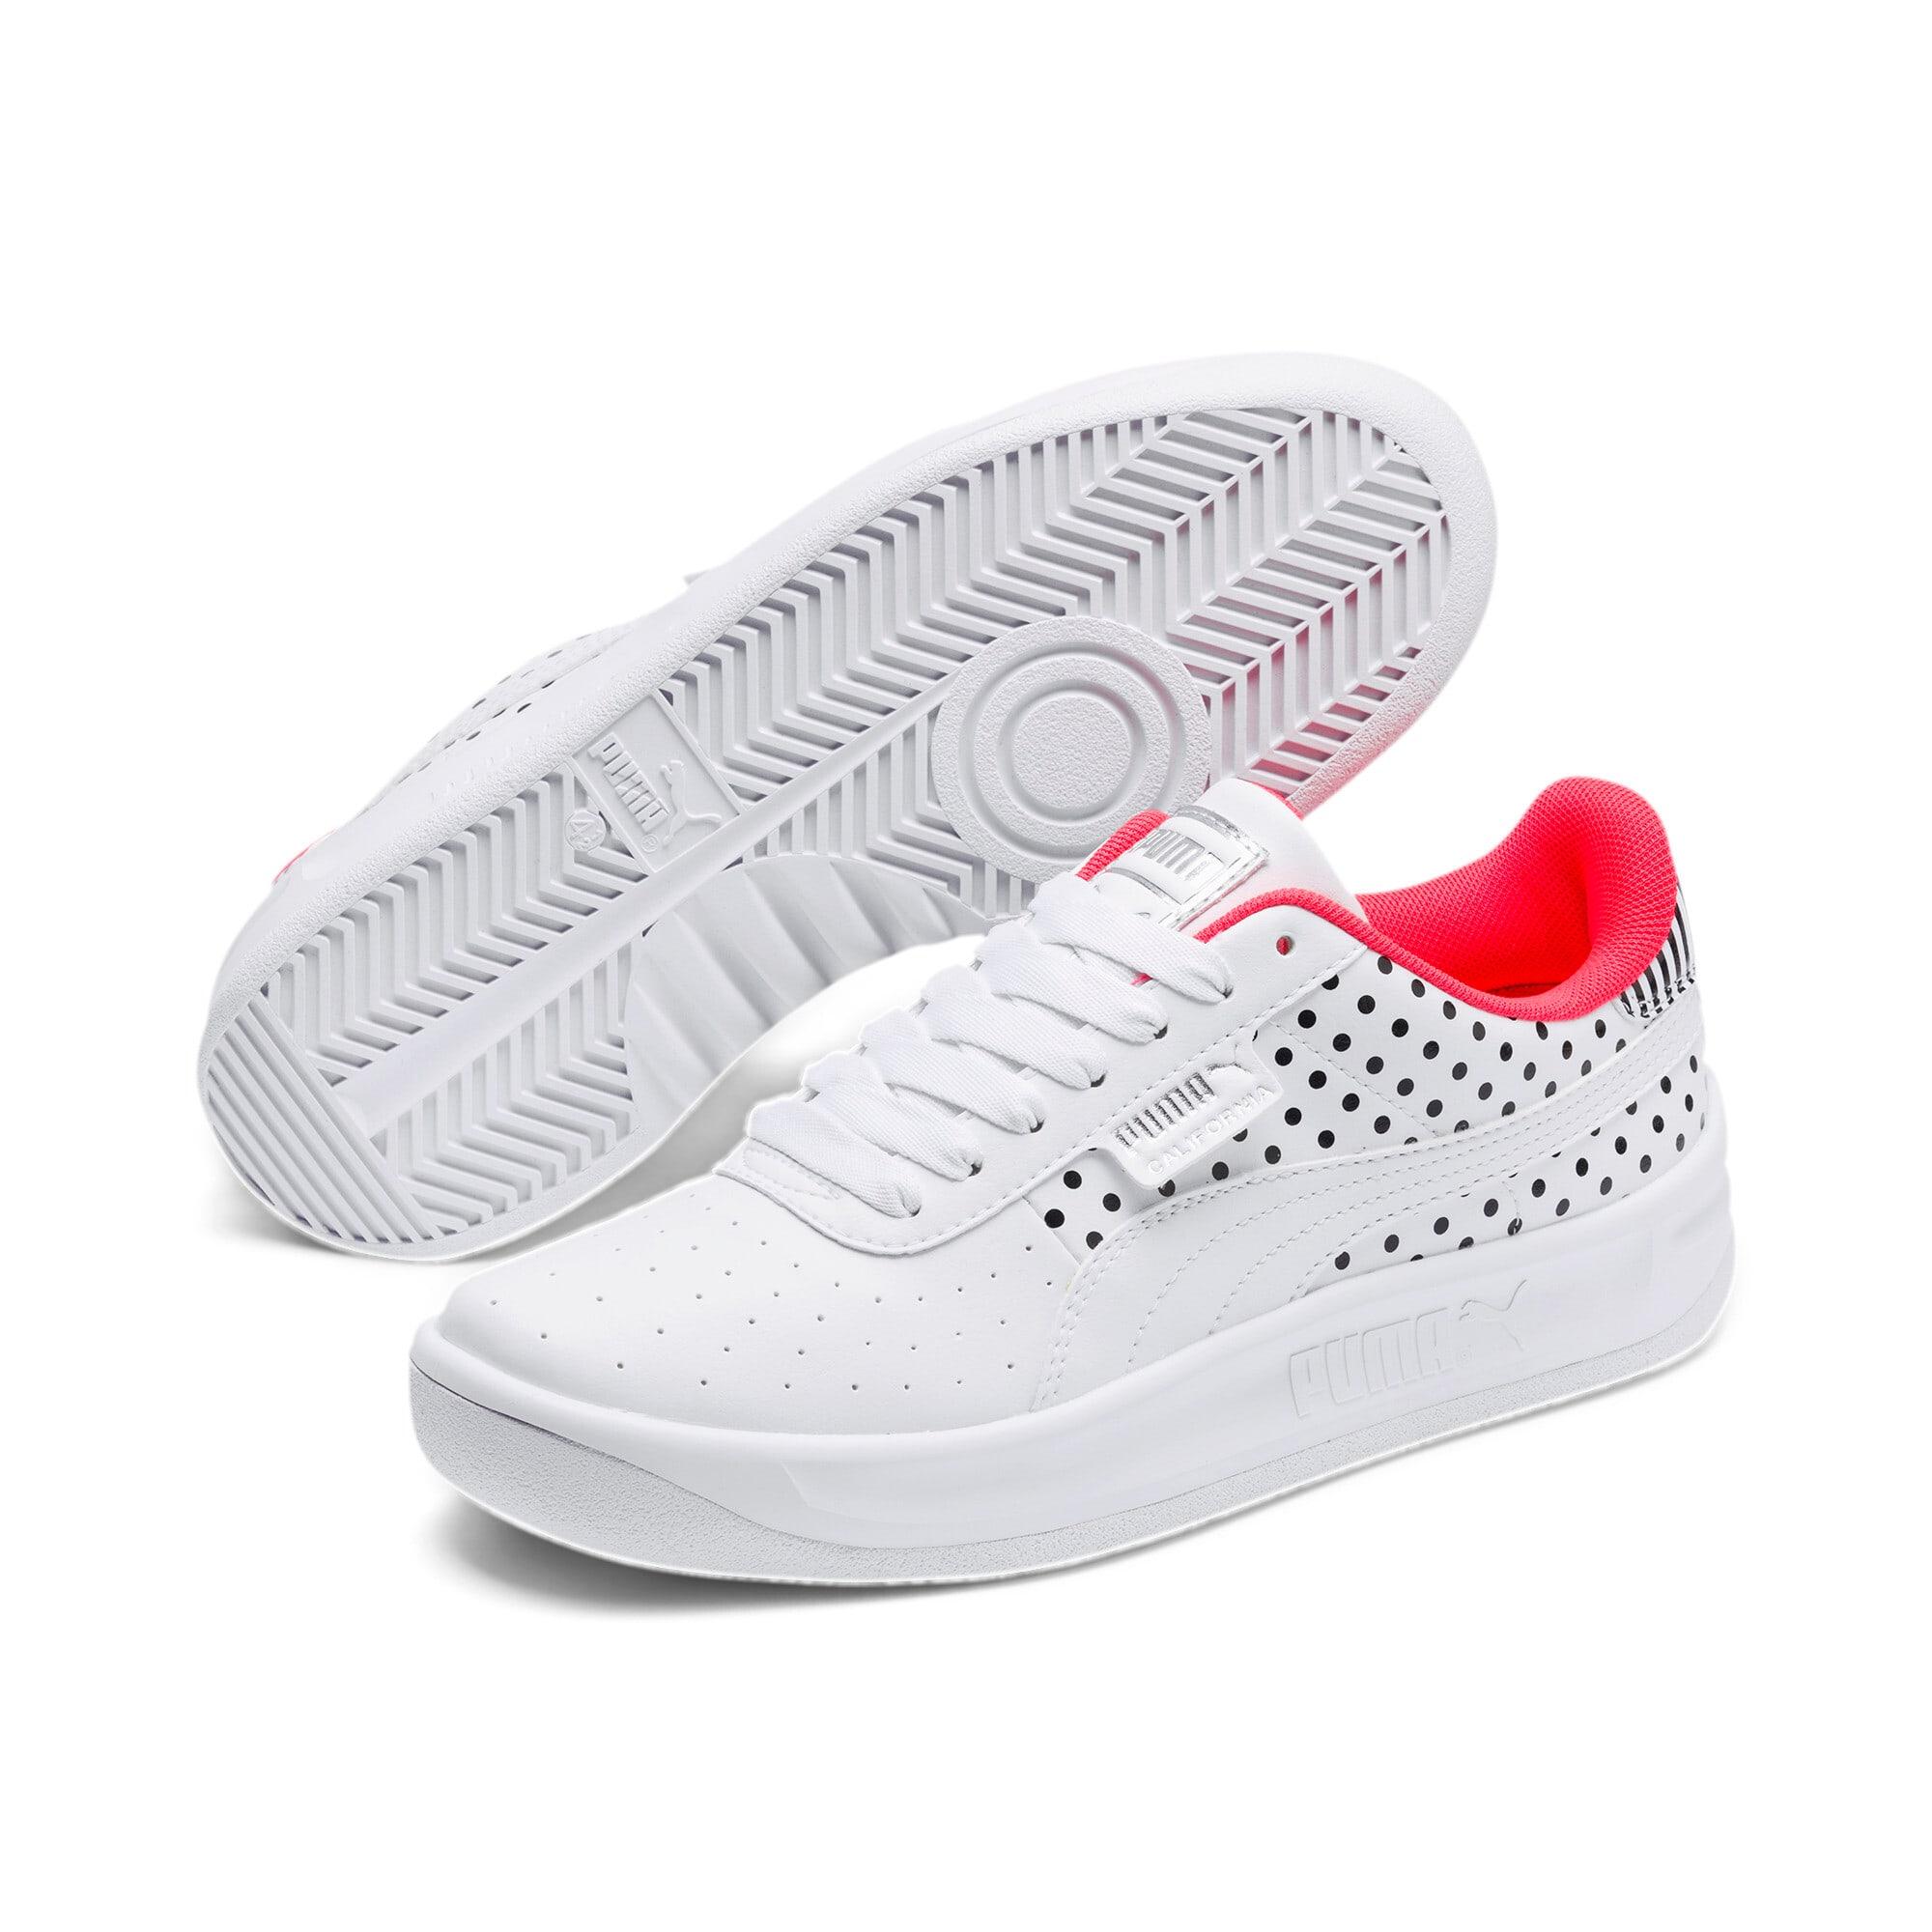 Miniatura 2 de Zapatos deportivosCalifornia Remix para mujer, Puma White-Puma Black, mediano